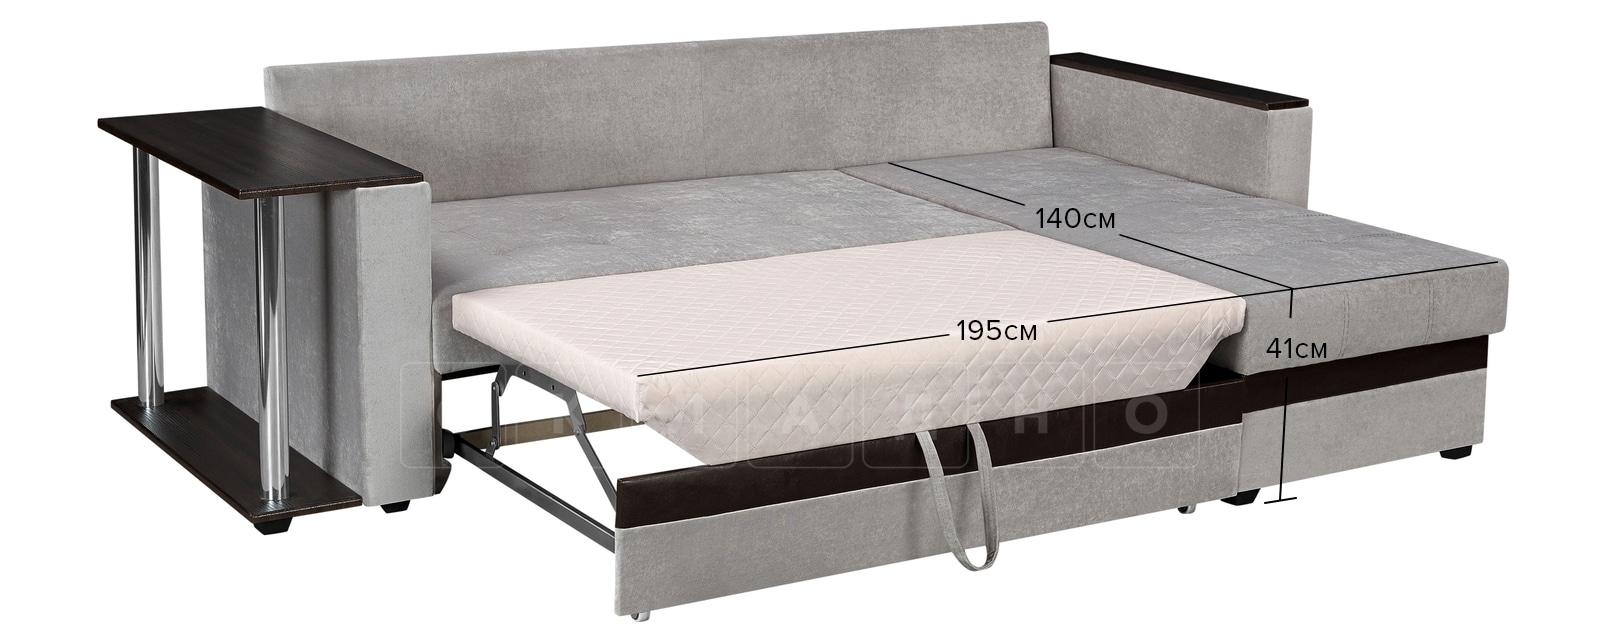 Угловой диван Атланта велюр светло-серый фото 11 | интернет-магазин Складно